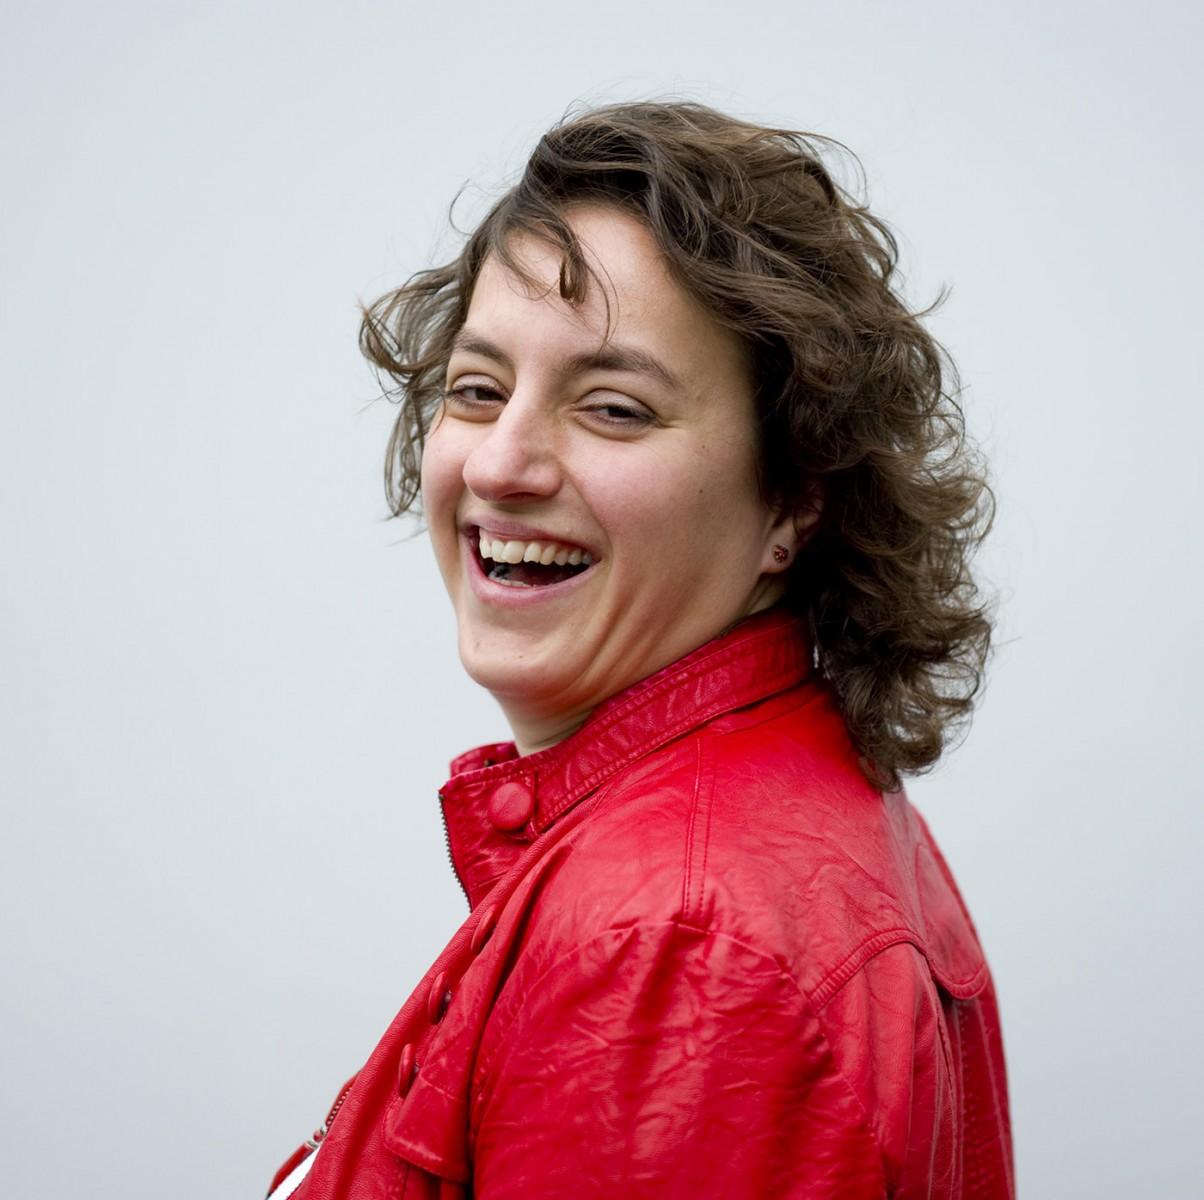 Anneke van Kollenburg